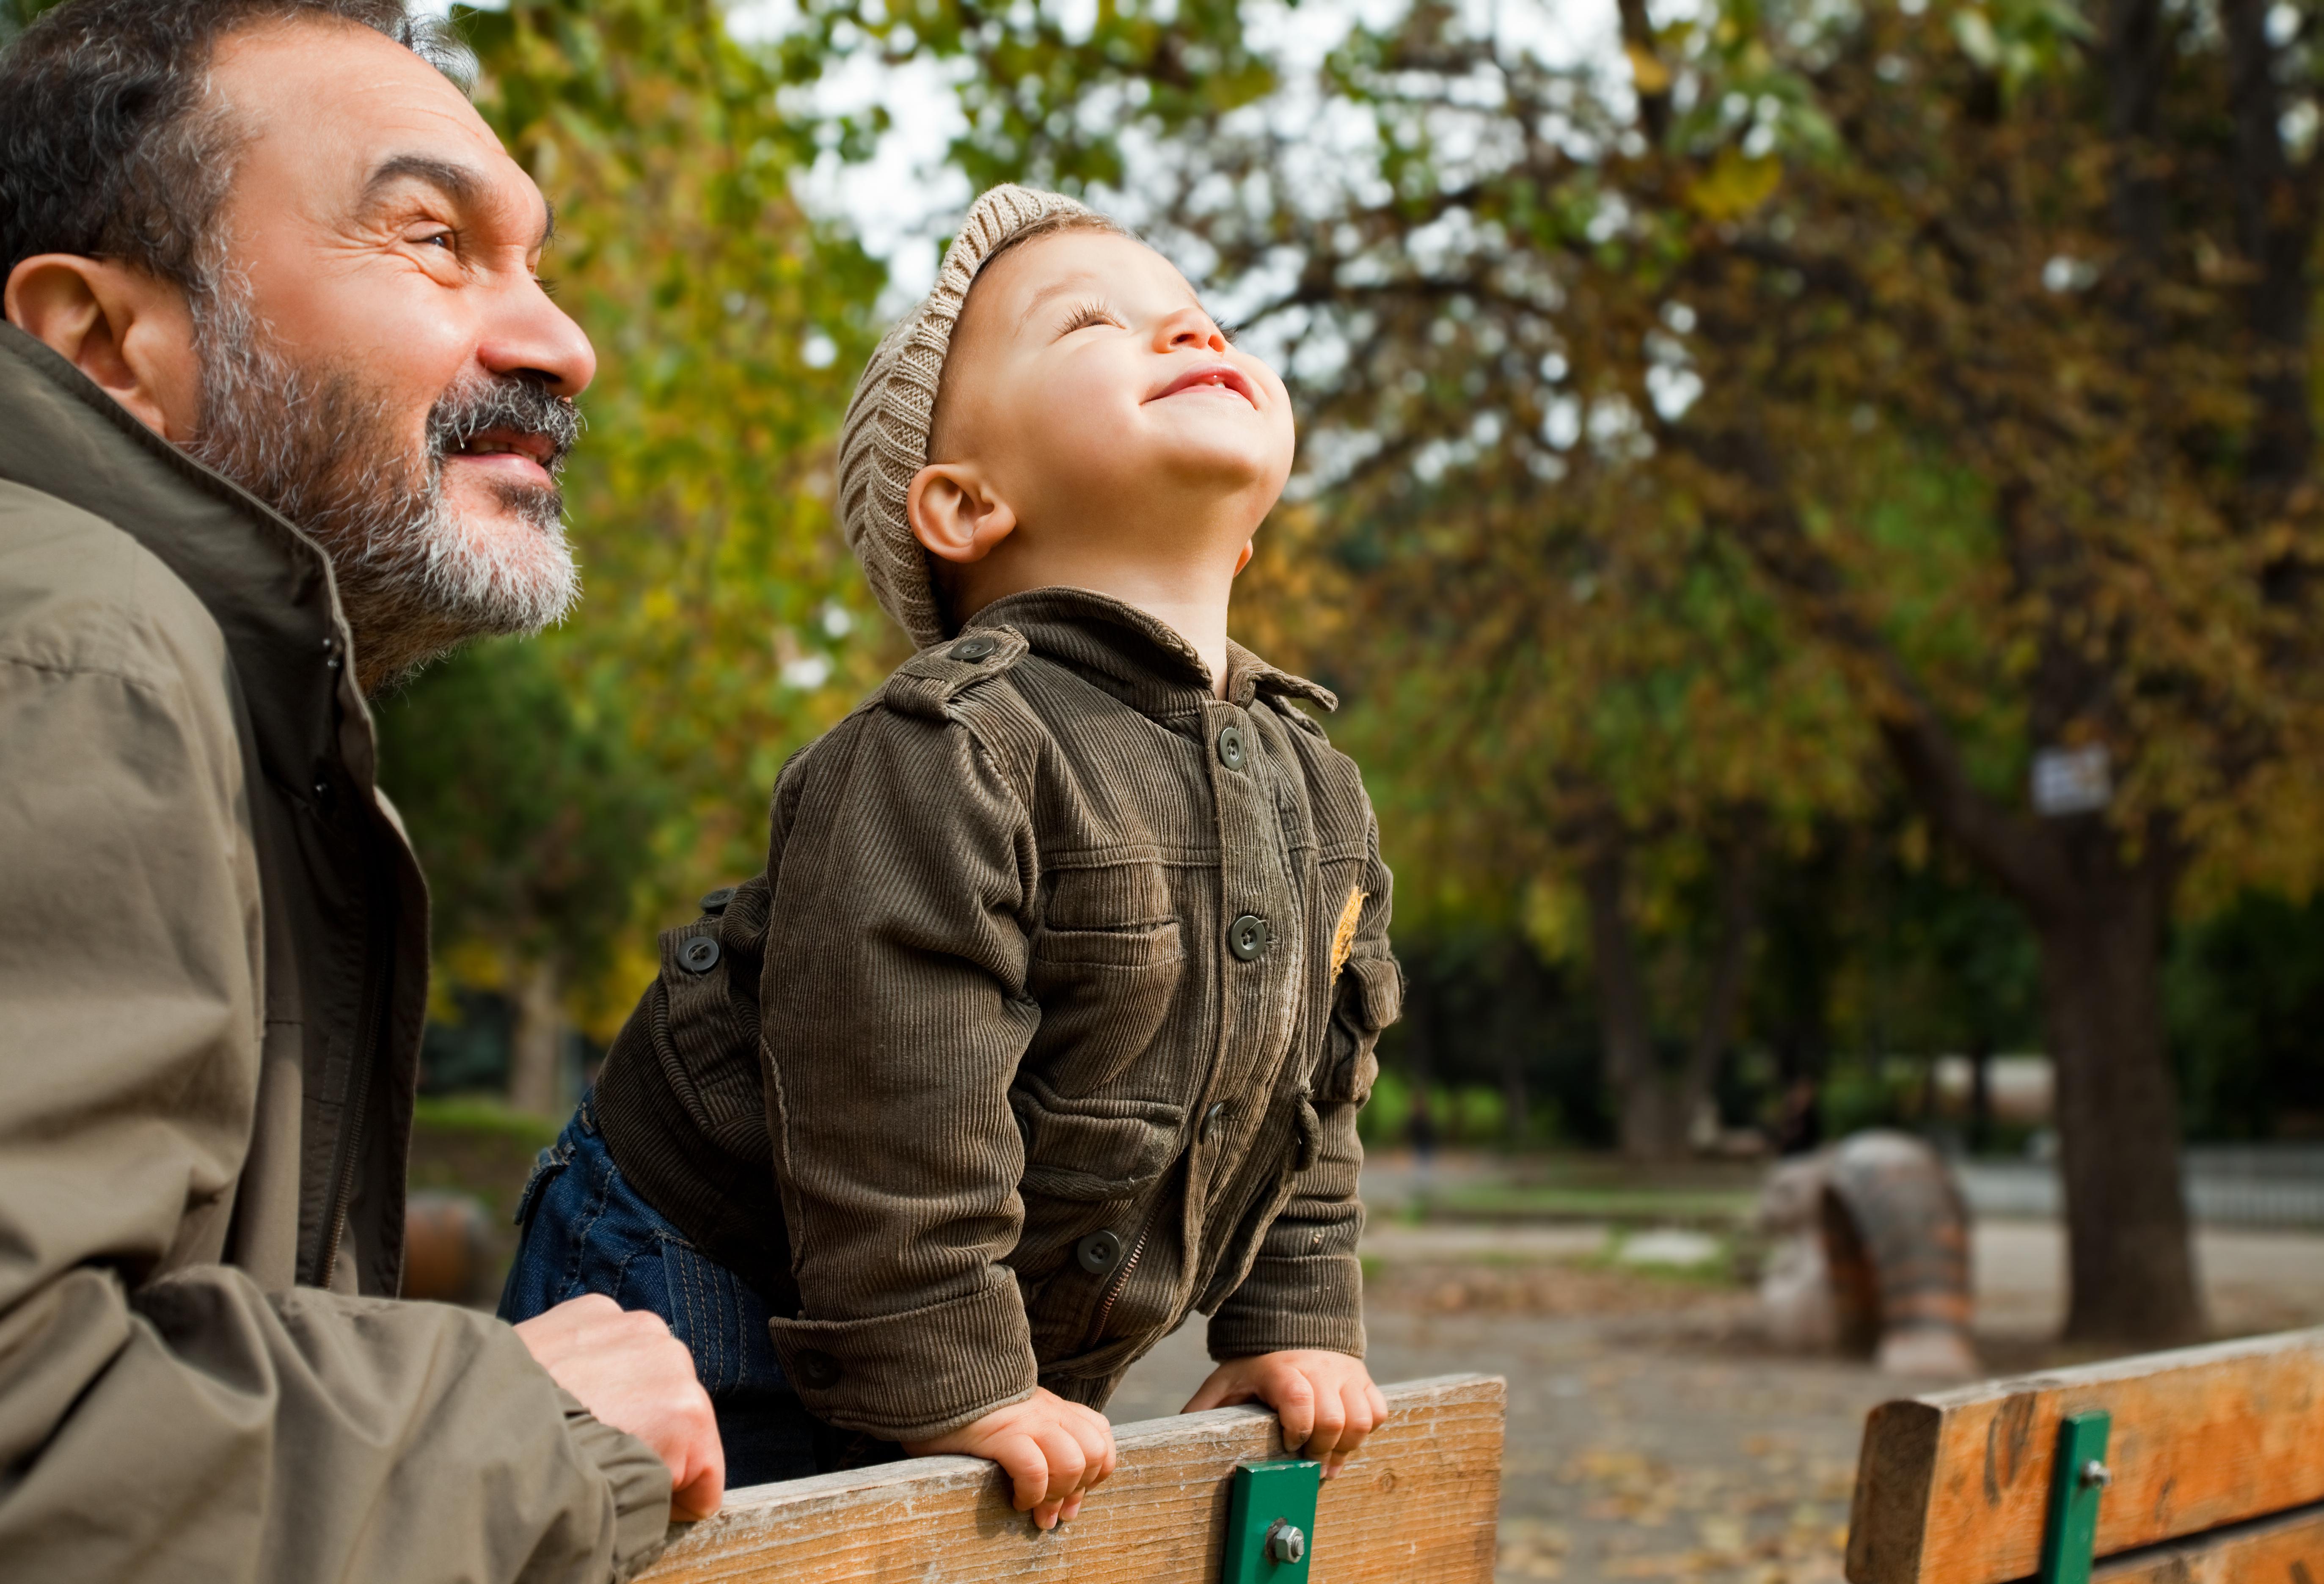 En kinesisk studie visar att barn som vistas mycket utomhus mer sällan blir närsynta än andra barn.